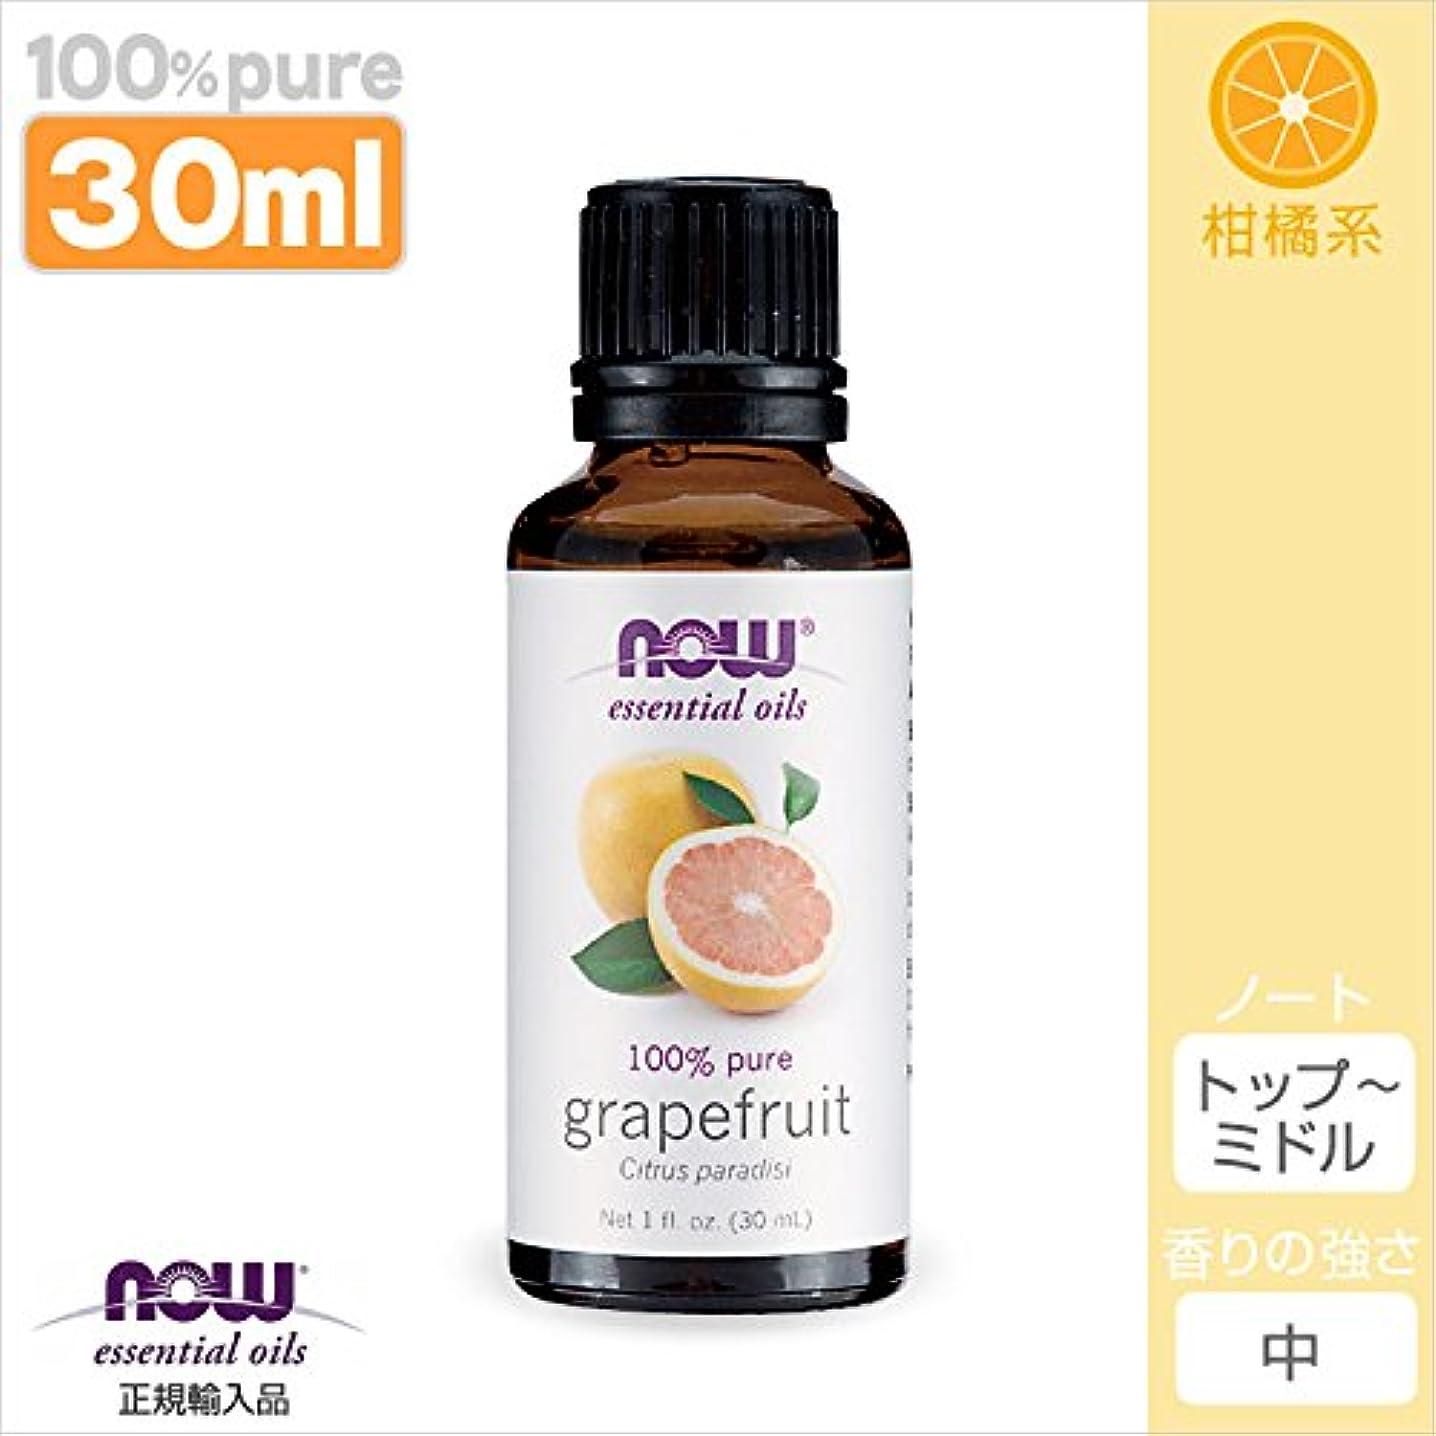 言うまでもなく早熟倍率グレープフルーツ精油[30ml] 【正規輸入品】 NOWエッセンシャルオイル(アロマオイル)